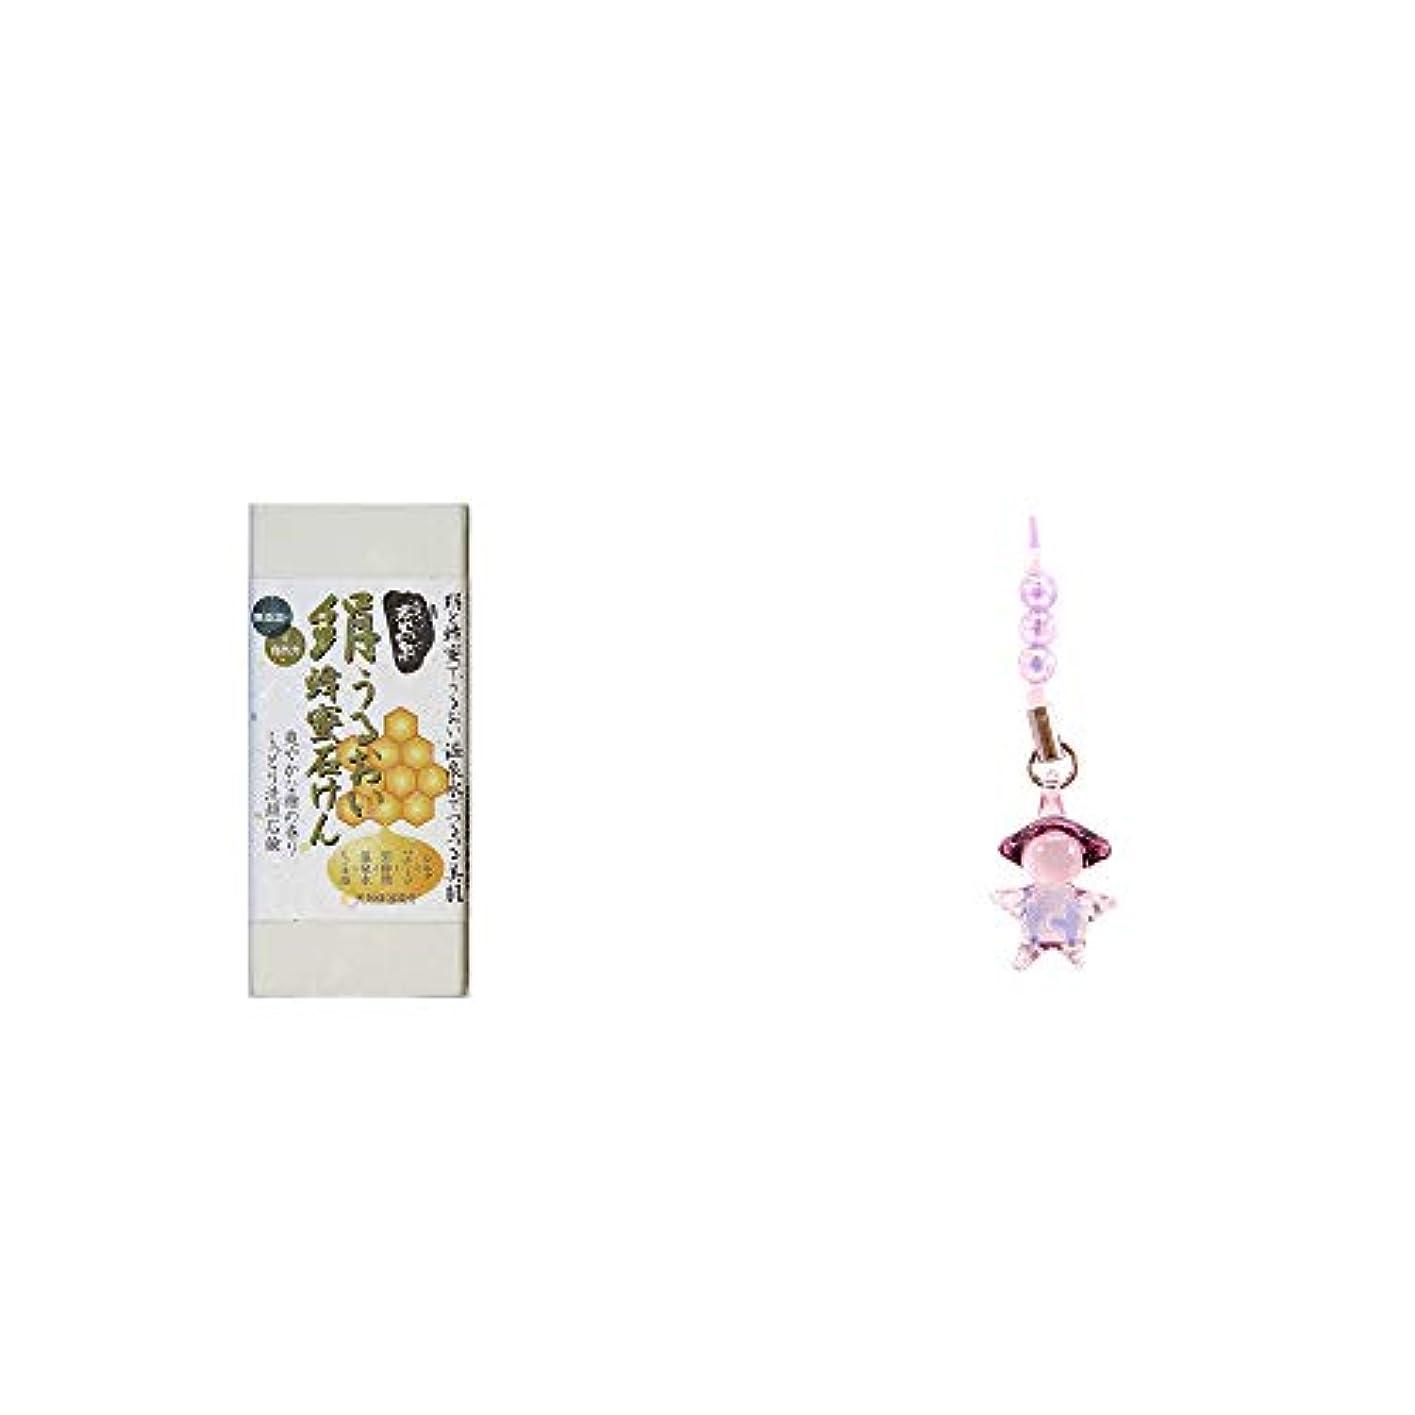 誤牛実施する[2点セット] ひのき炭黒泉 絹うるおい蜂蜜石けん(75g×2)?ガラスのさるぼぼ 手作りキーホルダー 【紫】 /出世運?健やかな長寿祈願?トップを目指す?魔除け//